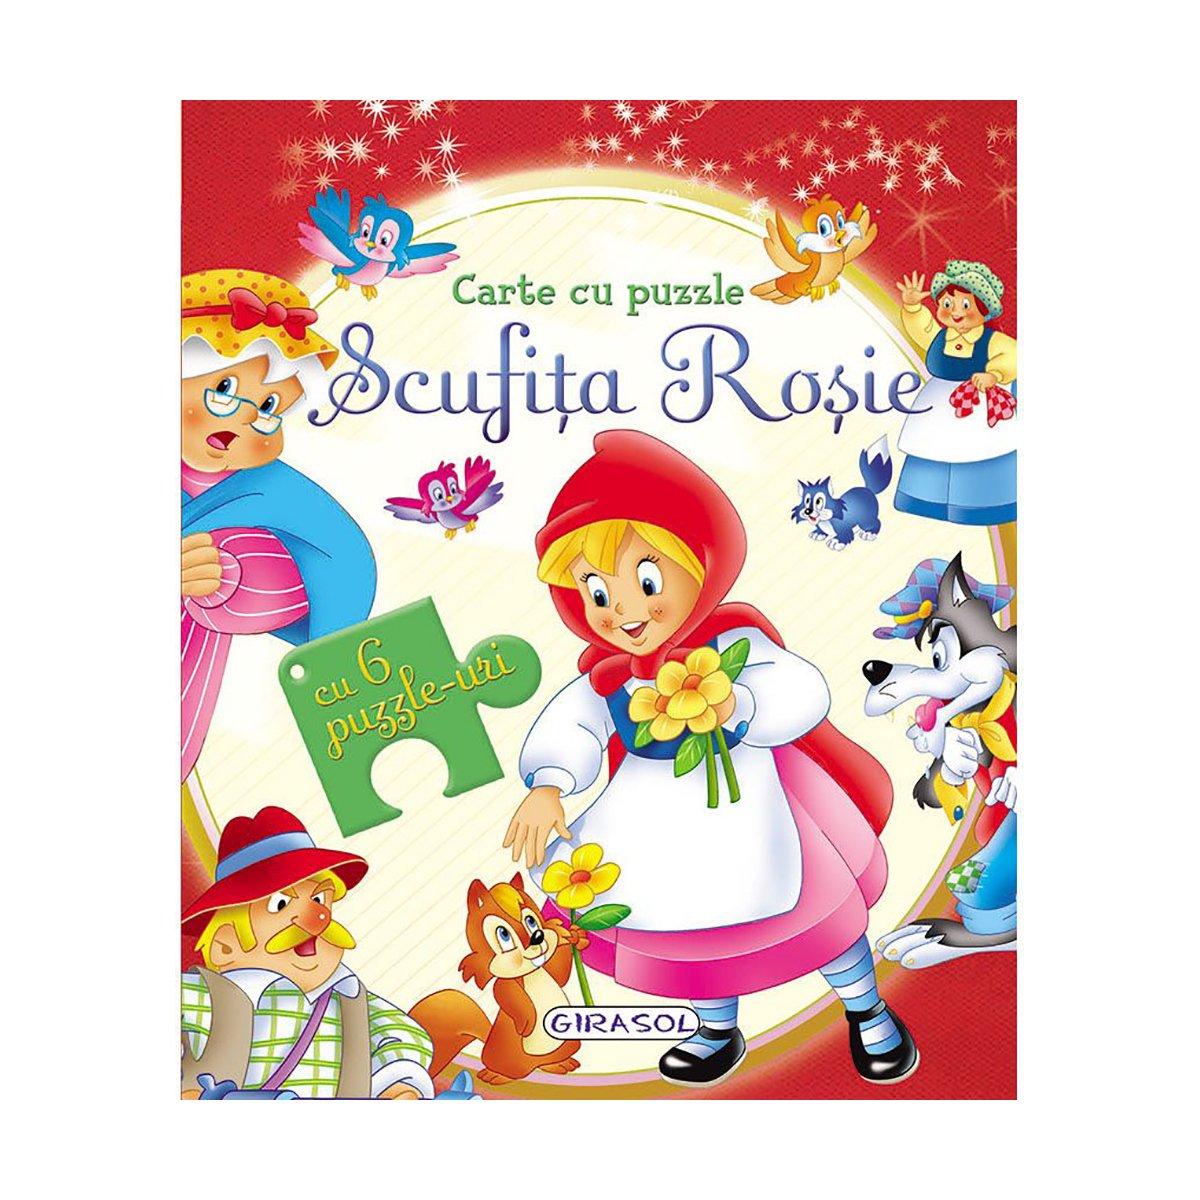 Carte cu puzzle Girasol, Scufita Rosie